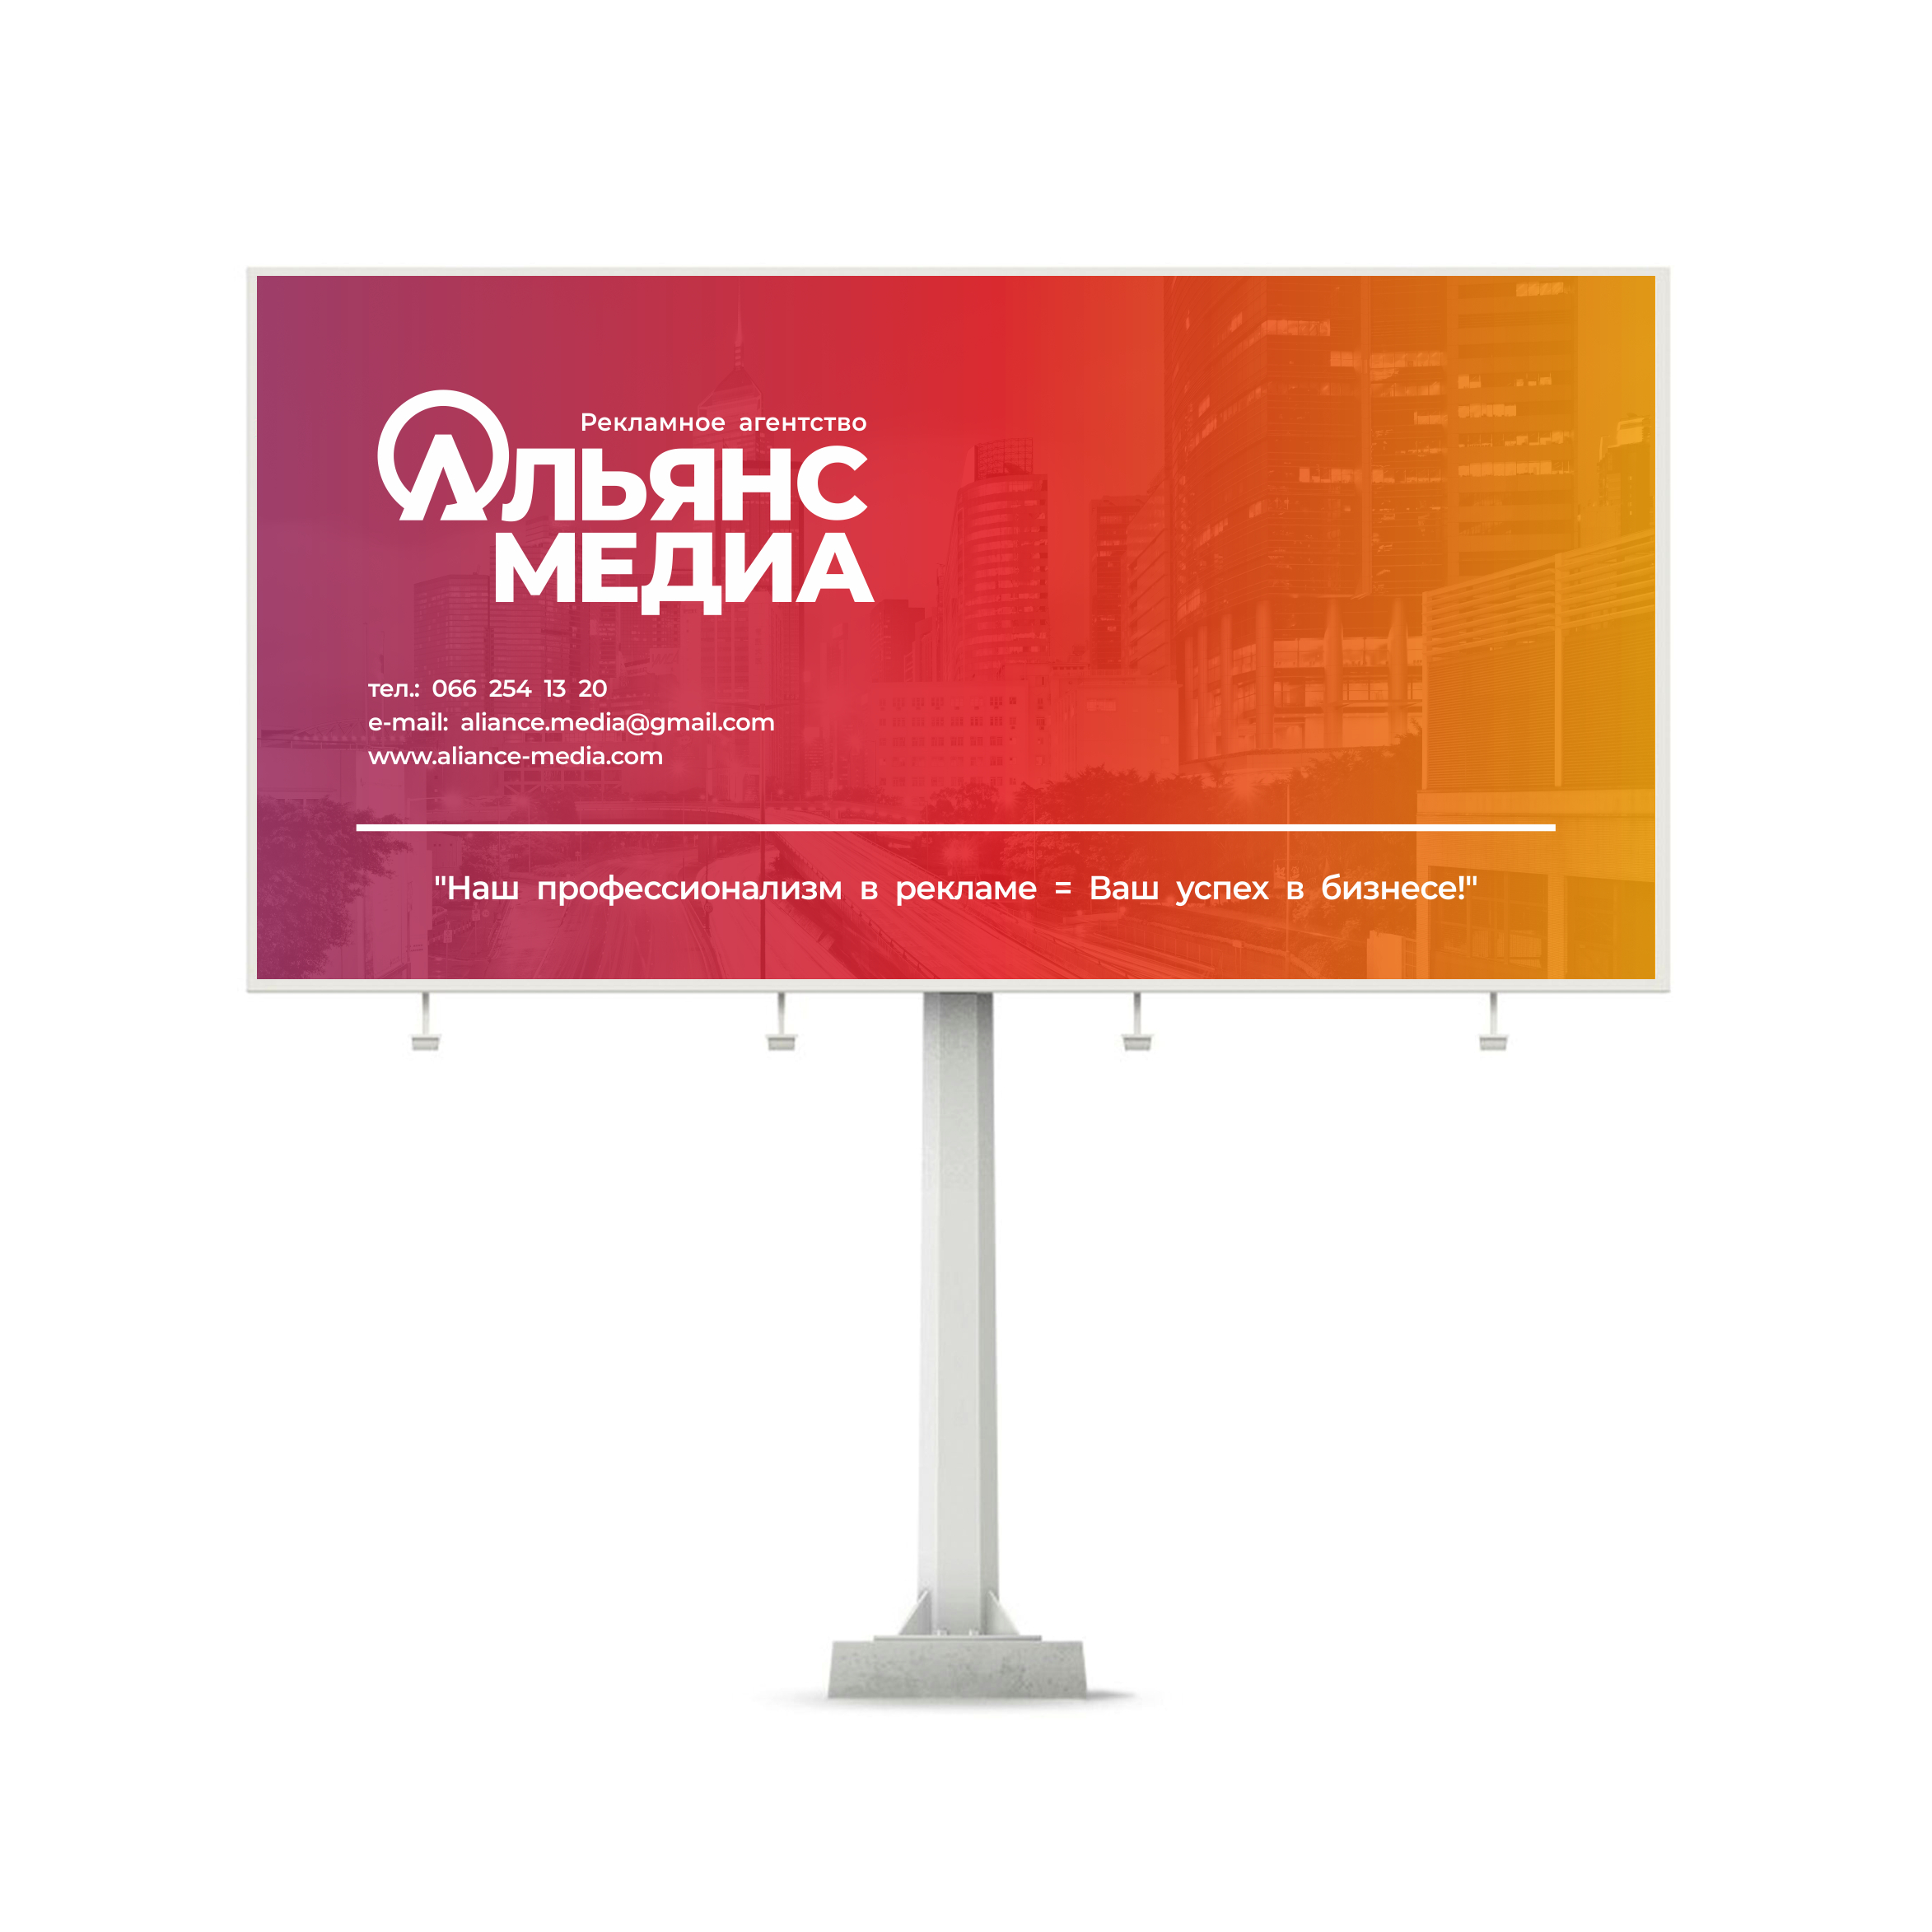 Создать логотип для компании фото f_5505aafd45a9a12d.jpg